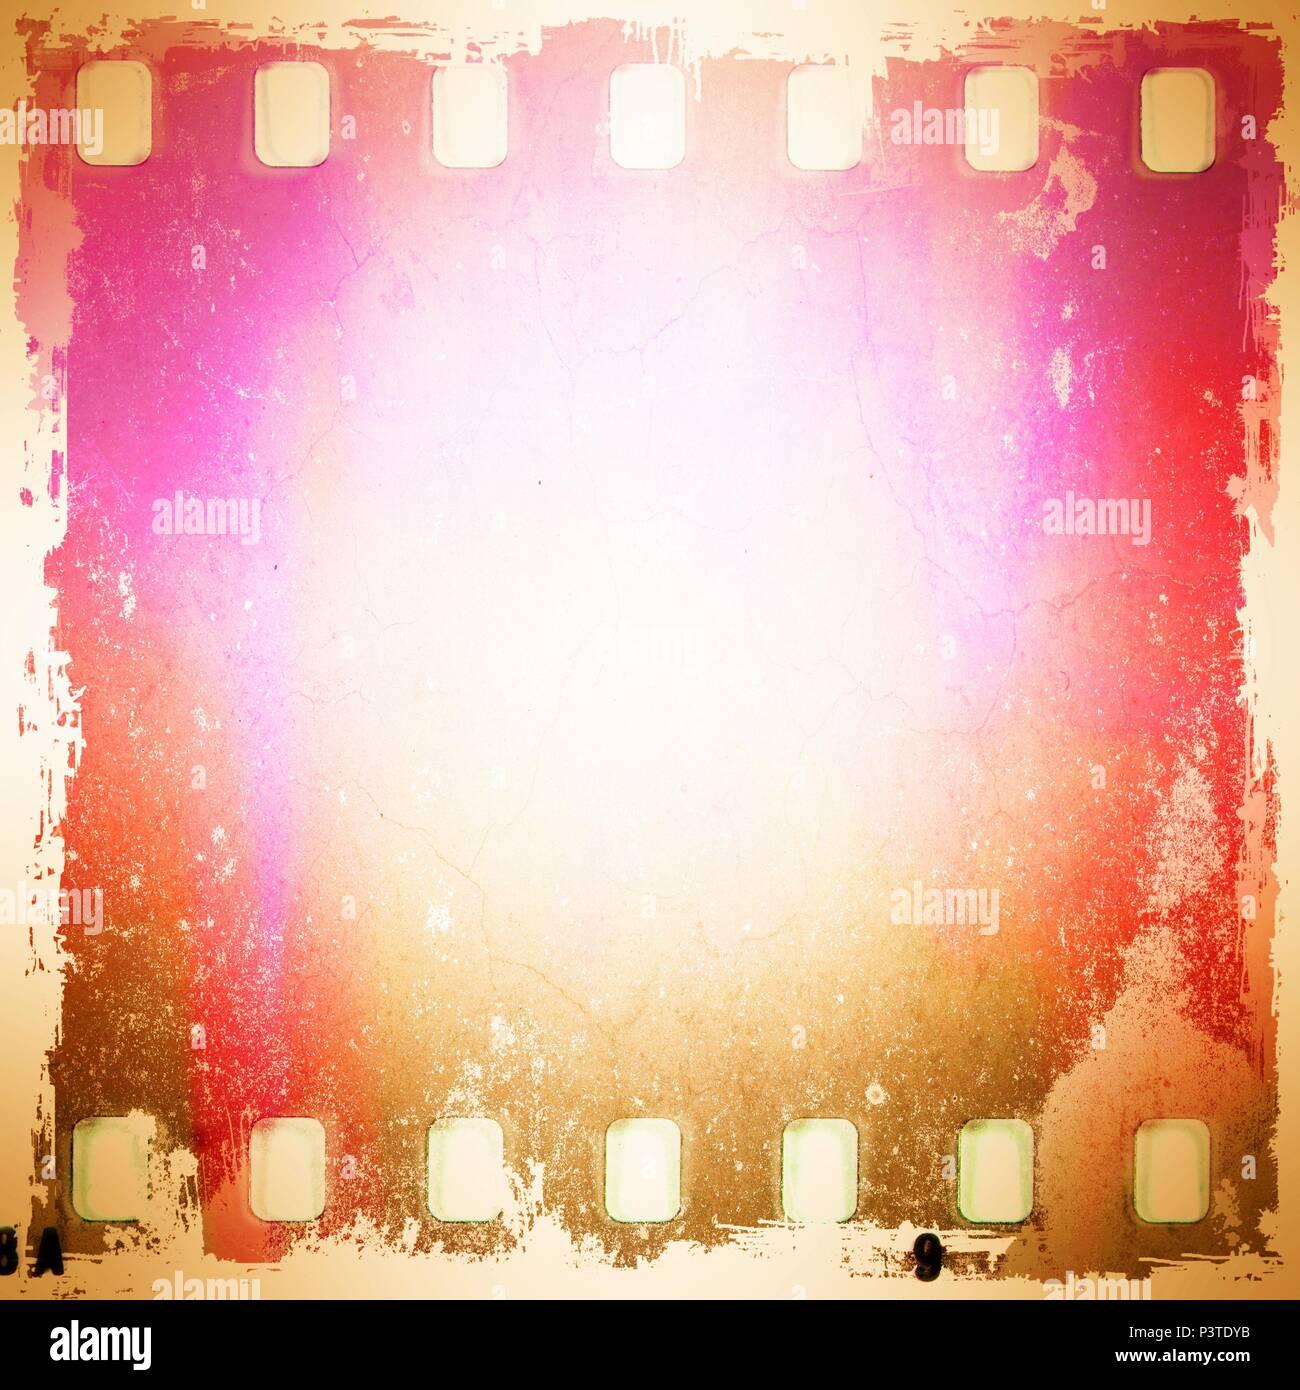 Film Edge Stockfotos & Film Edge Bilder - Seite 3 - Alamy